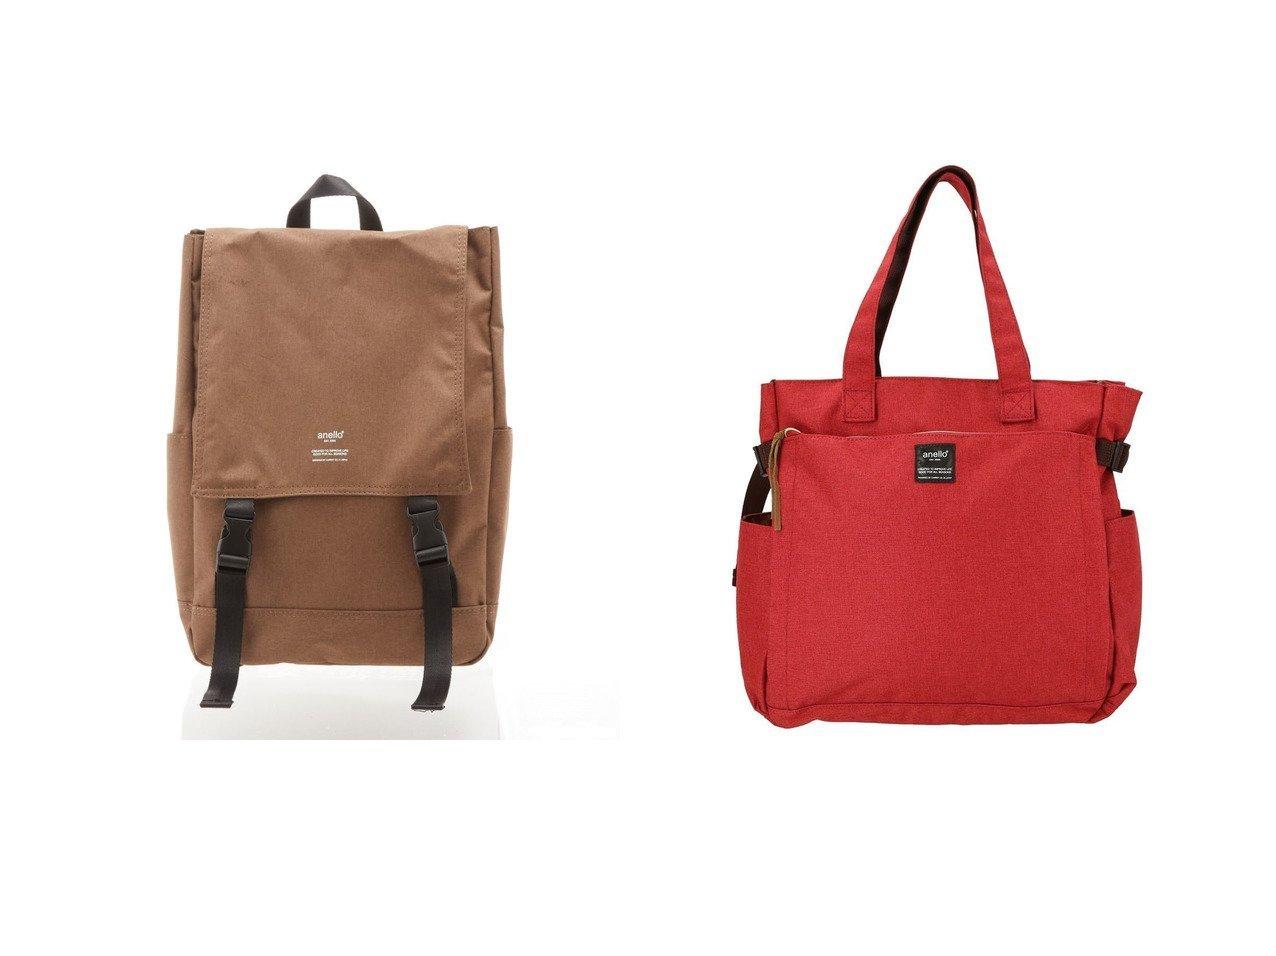 【anello/アネロ】のanello アネロ ポスト 10ポケット トートバッグ AT-C3132�-H1151 杢調 フラップリュック バッグ・鞄のおすすめ!人気、トレンド・レディースファッションの通販 おすすめで人気の流行・トレンド、ファッションの通販商品 メンズファッション・キッズファッション・インテリア・家具・レディースファッション・服の通販 founy(ファニー) https://founy.com/ ファッション Fashion レディースファッション WOMEN バッグ Bag エレガント カメラ キャンバス 傘 軽量 ショルダー シンプル スクエア 財布 ダブル トラベル フラップ ボストン ボストンバッグ ポケット メッシュ メンズ リュック フロント 無地 A/W 秋冬 AW Autumn/Winter / FW Fall-Winter |ID:crp329100000015358